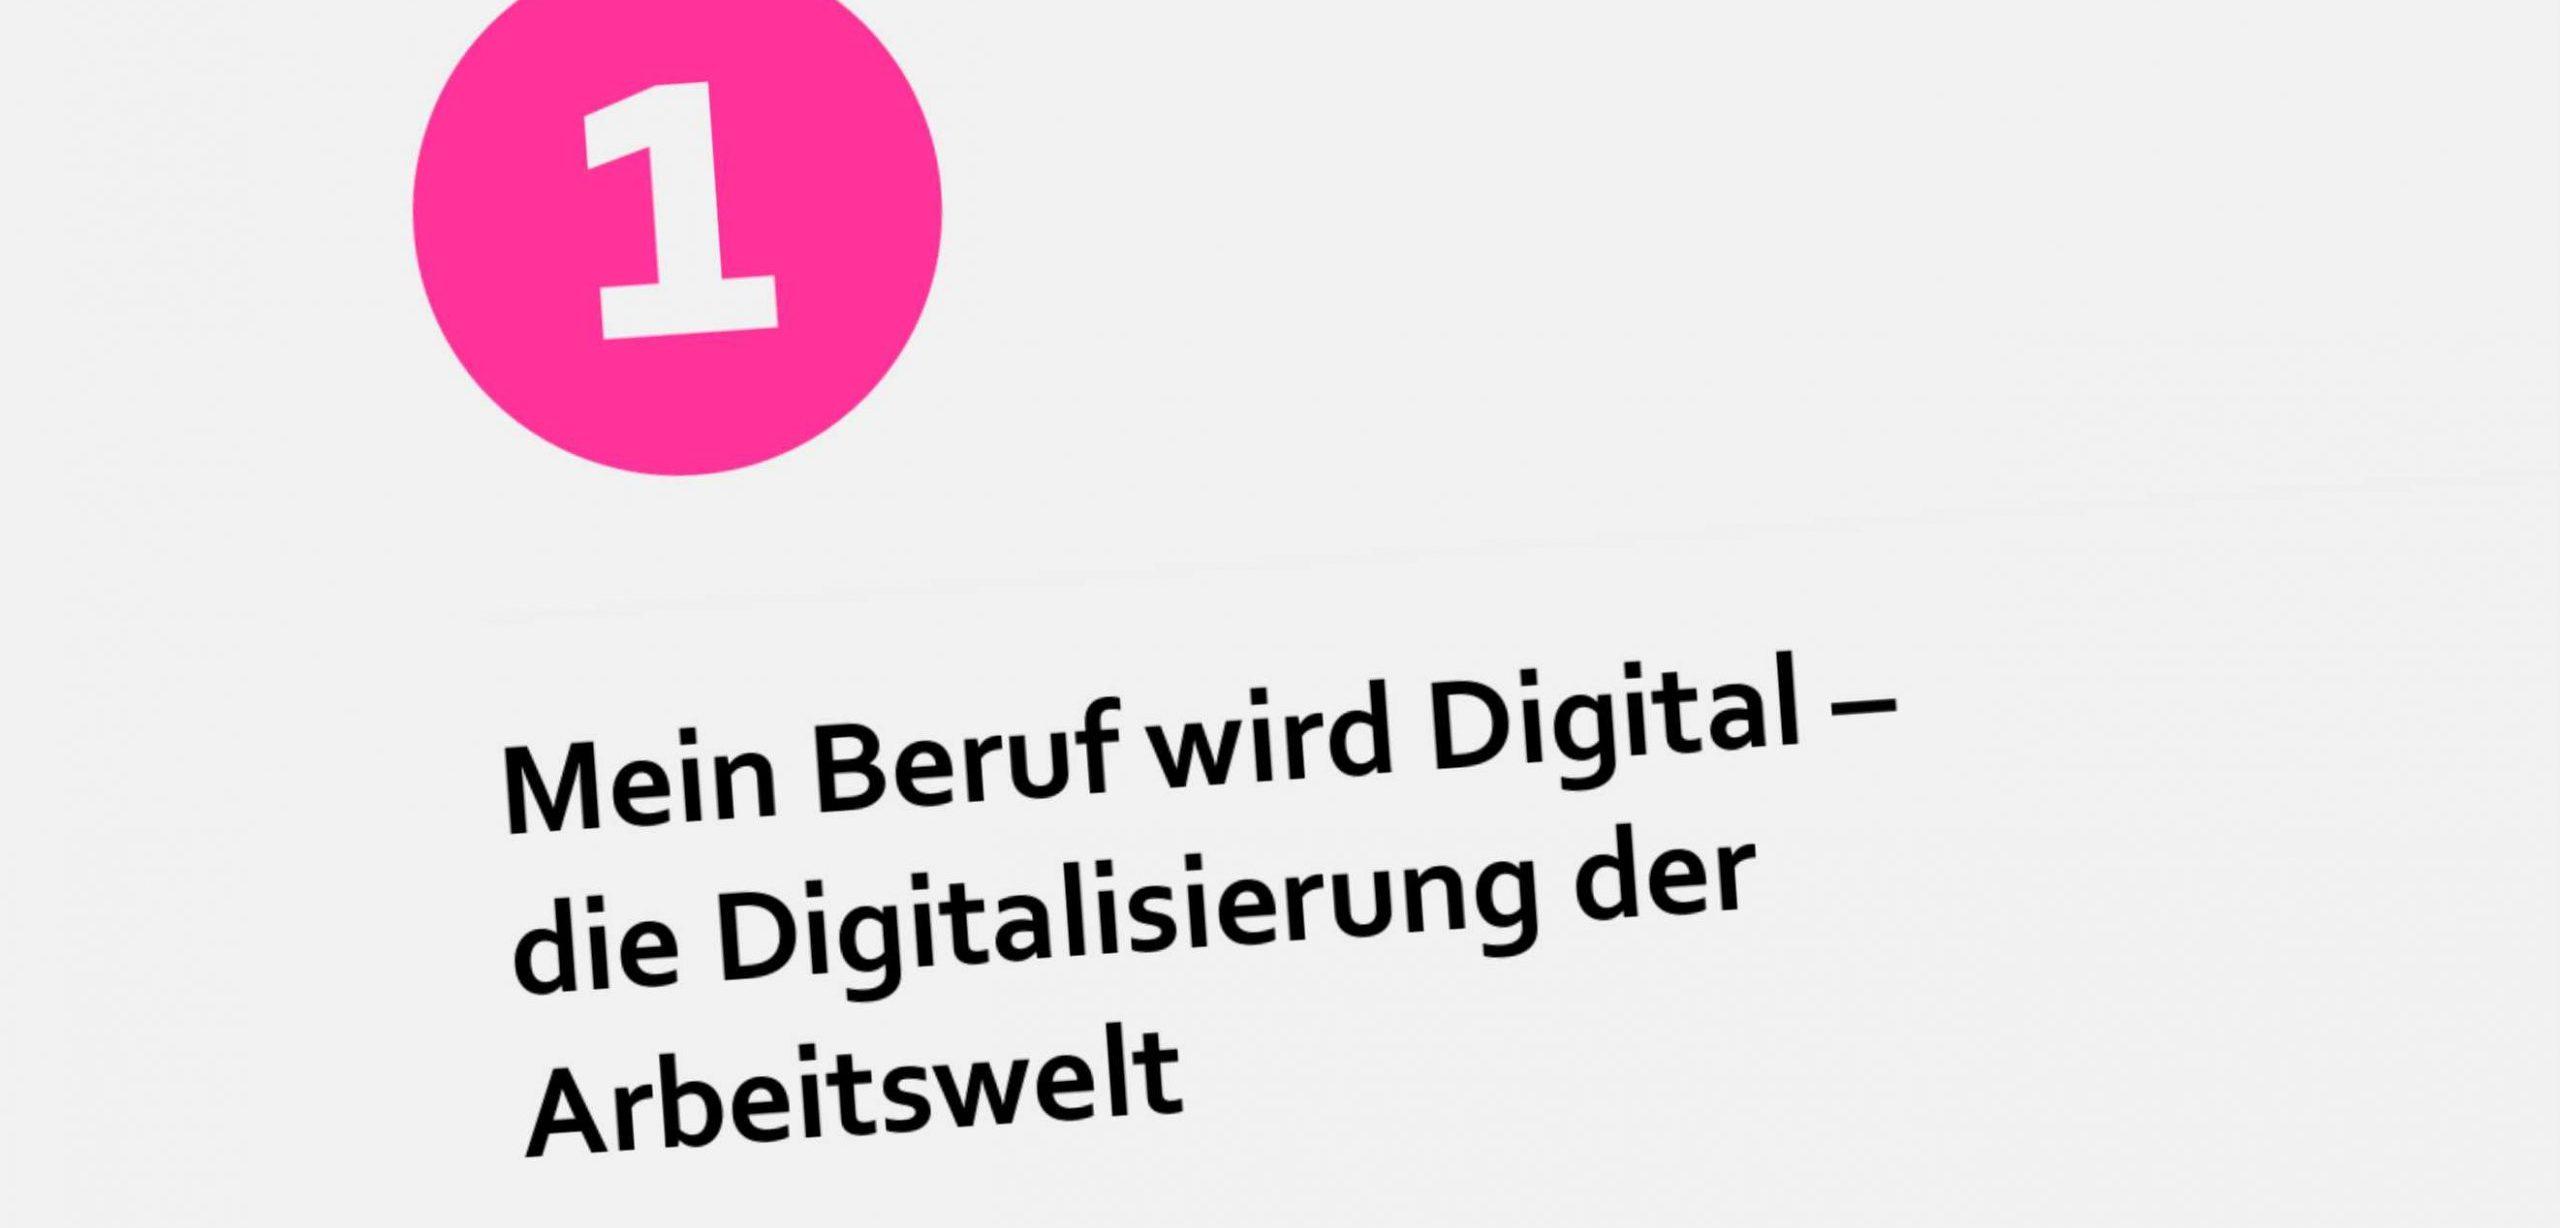 Corona, Online-Shopping, Digitalisierung und E-Mobilität – der Arbeitsmarkt im schnellen Wandel